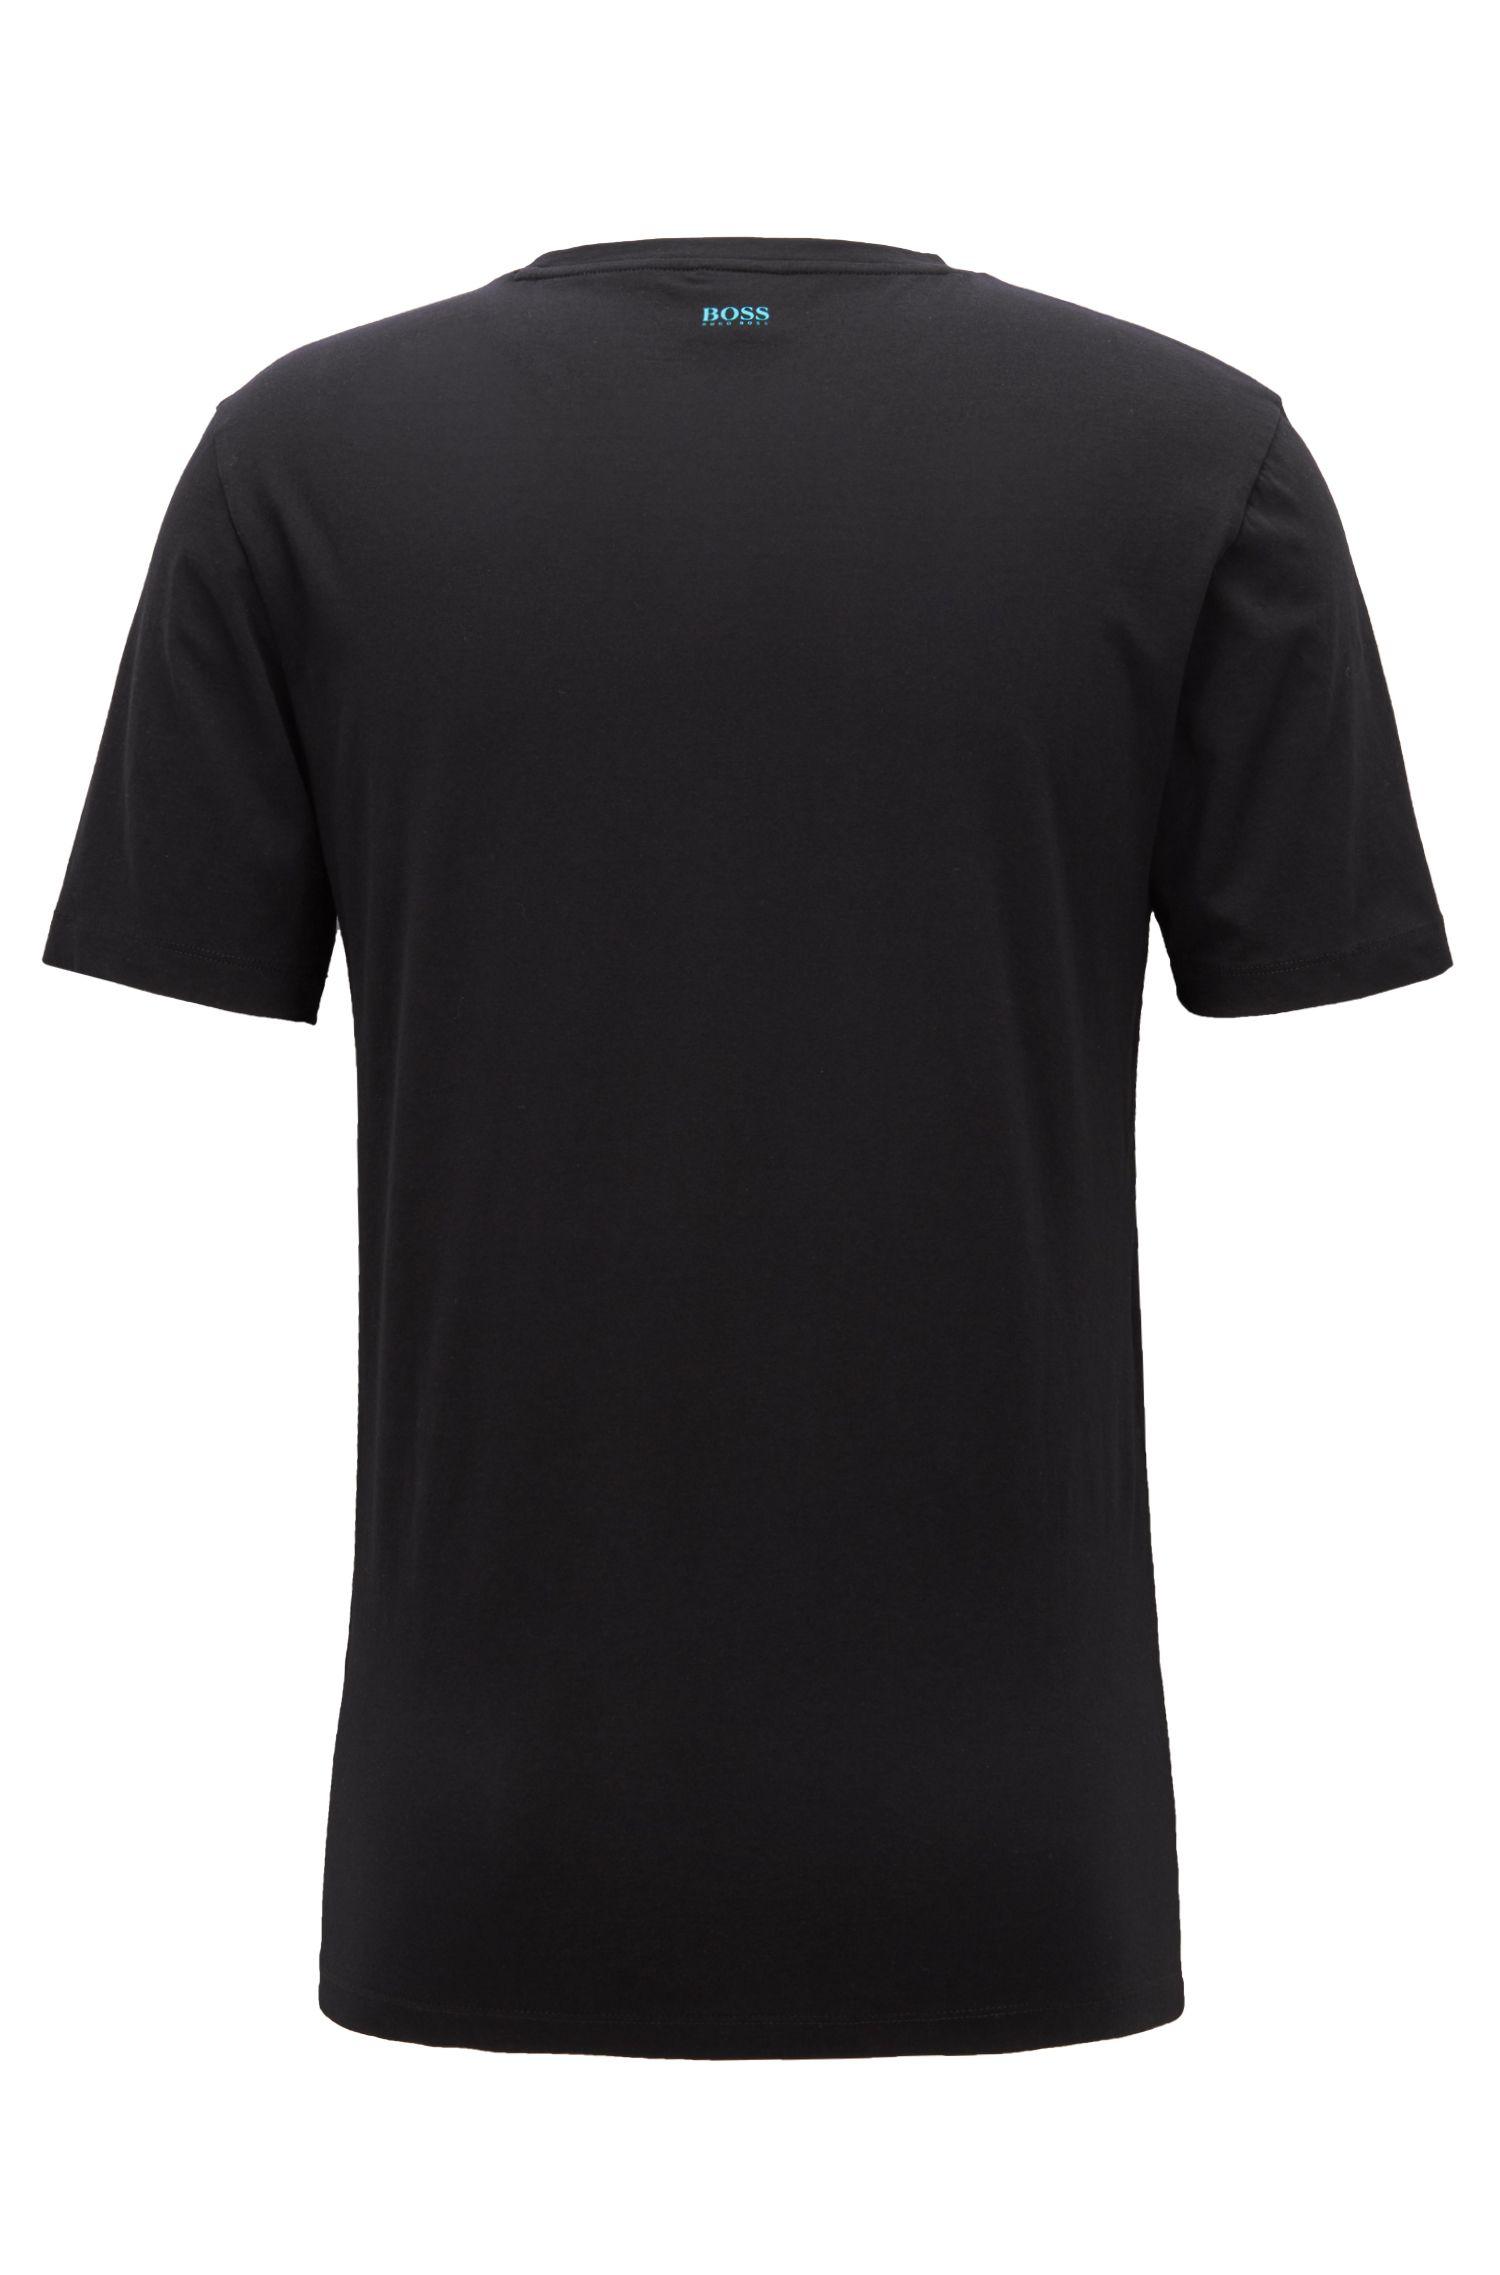 T-shirt a girocollo in cotone con stampa fotografica, Nero